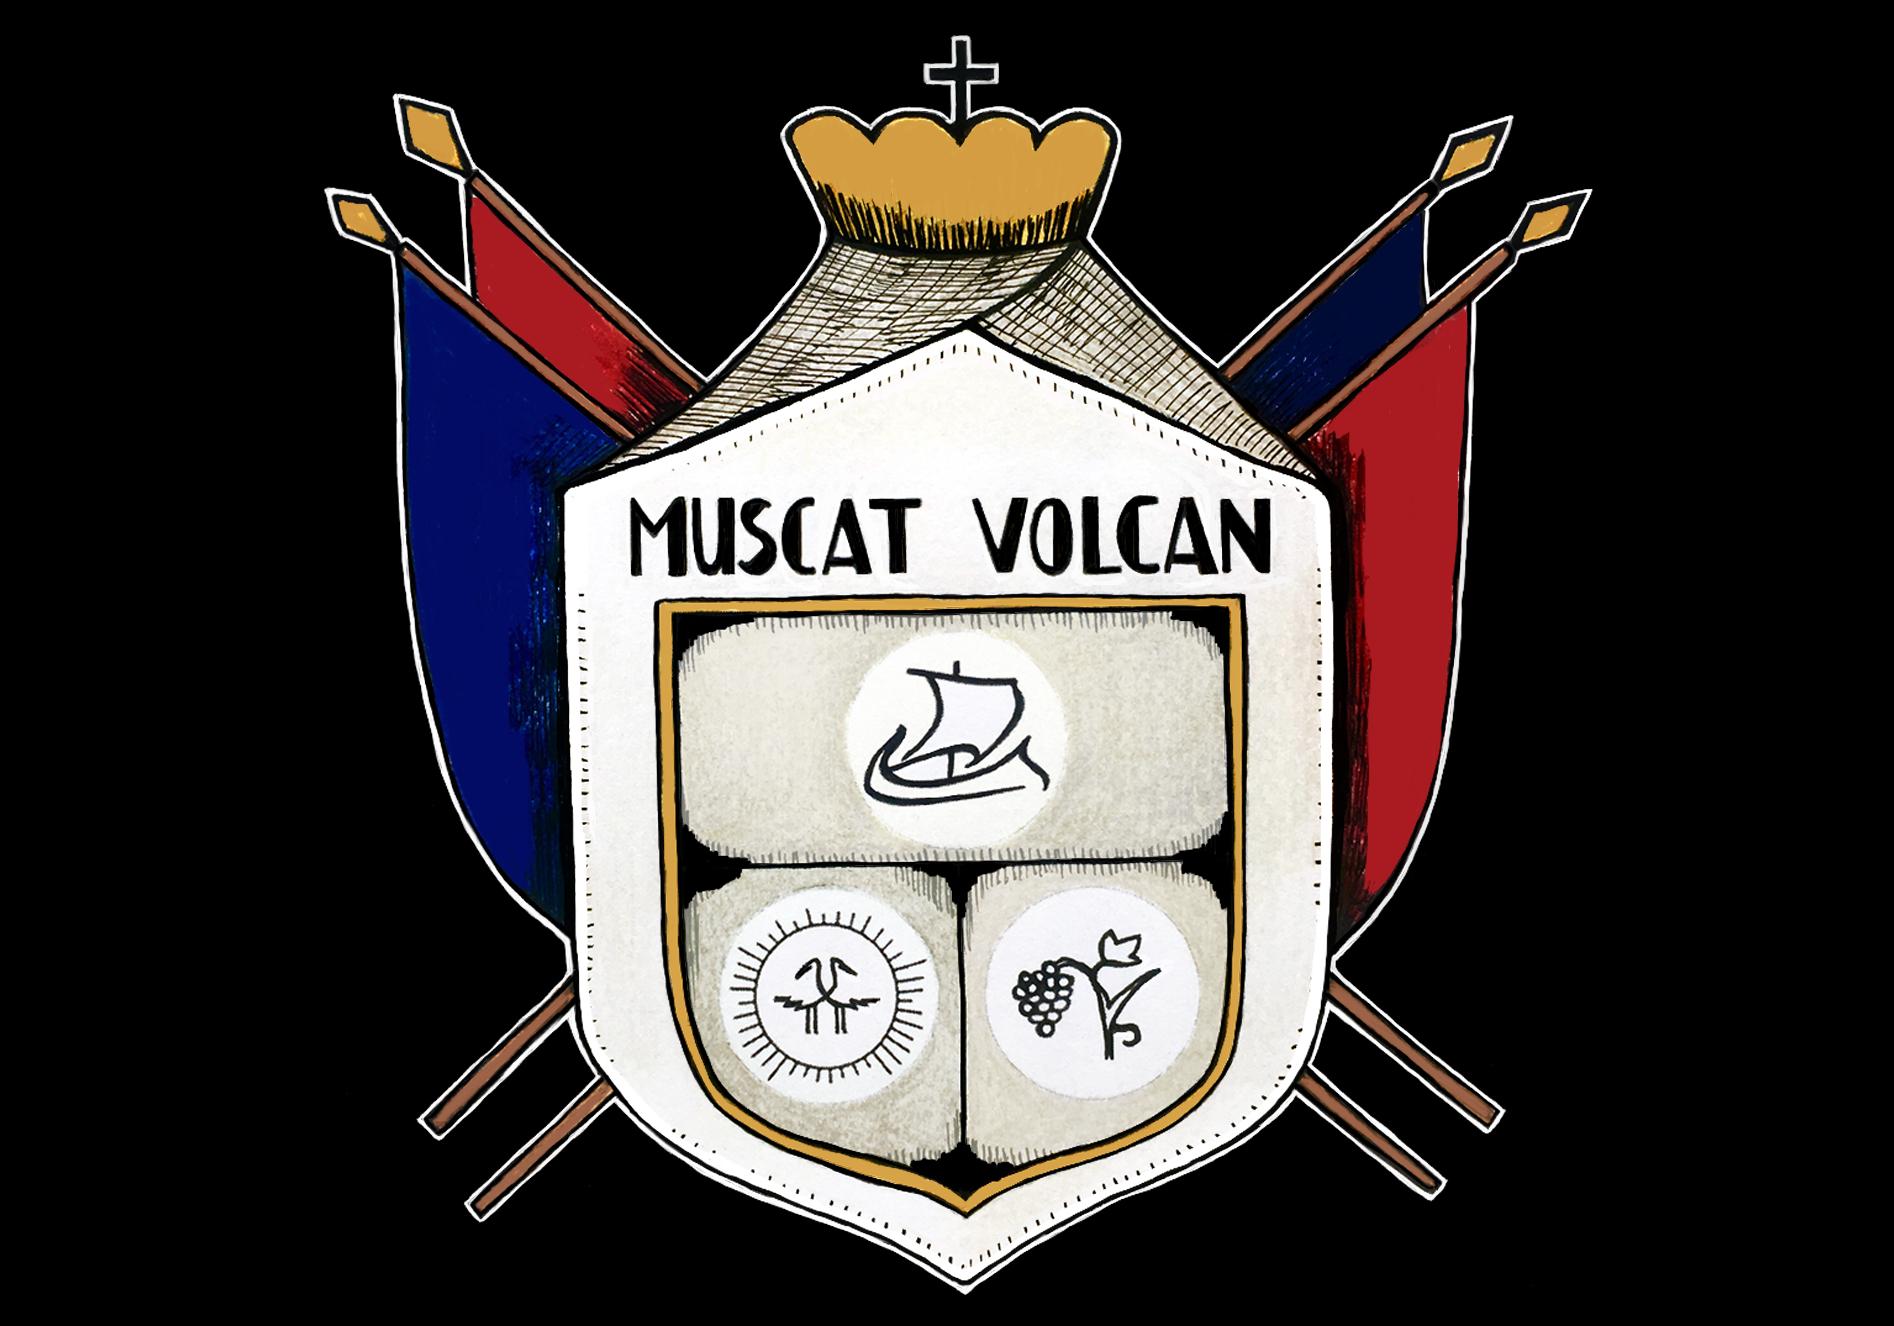 Muscat Volcan